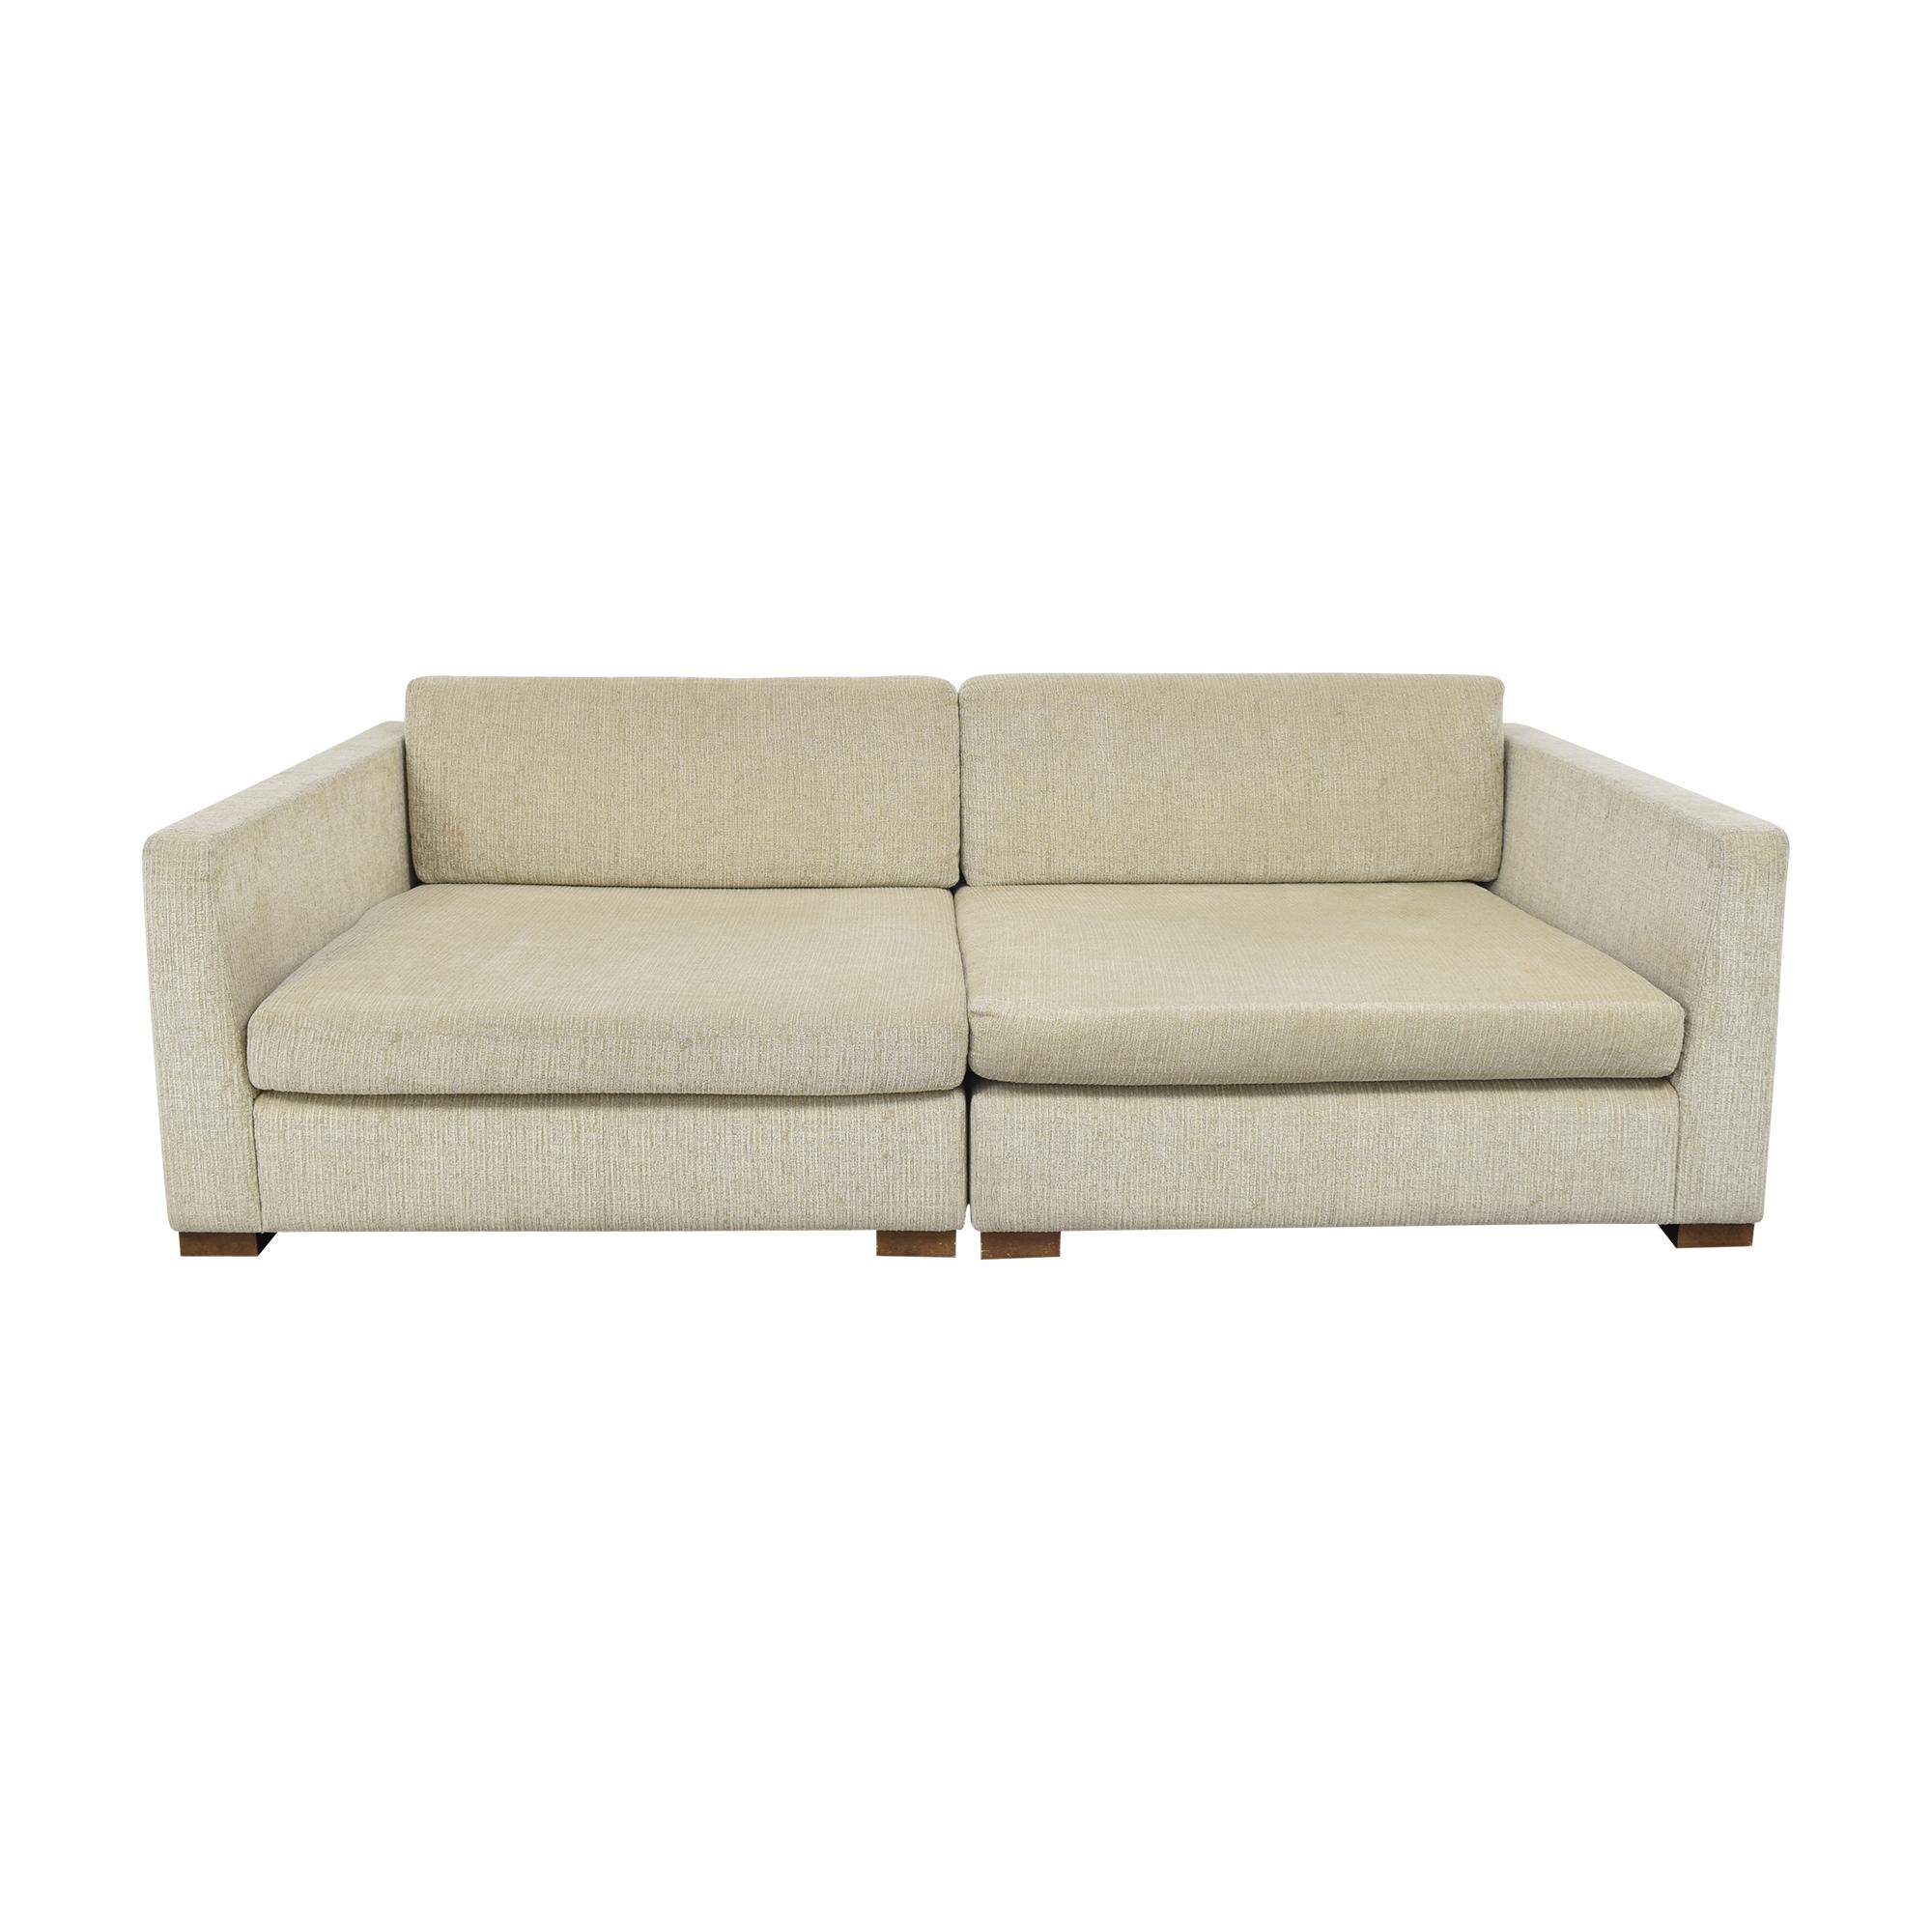 Artefacto Artefacto Modern Two Piece Modular Sofa price